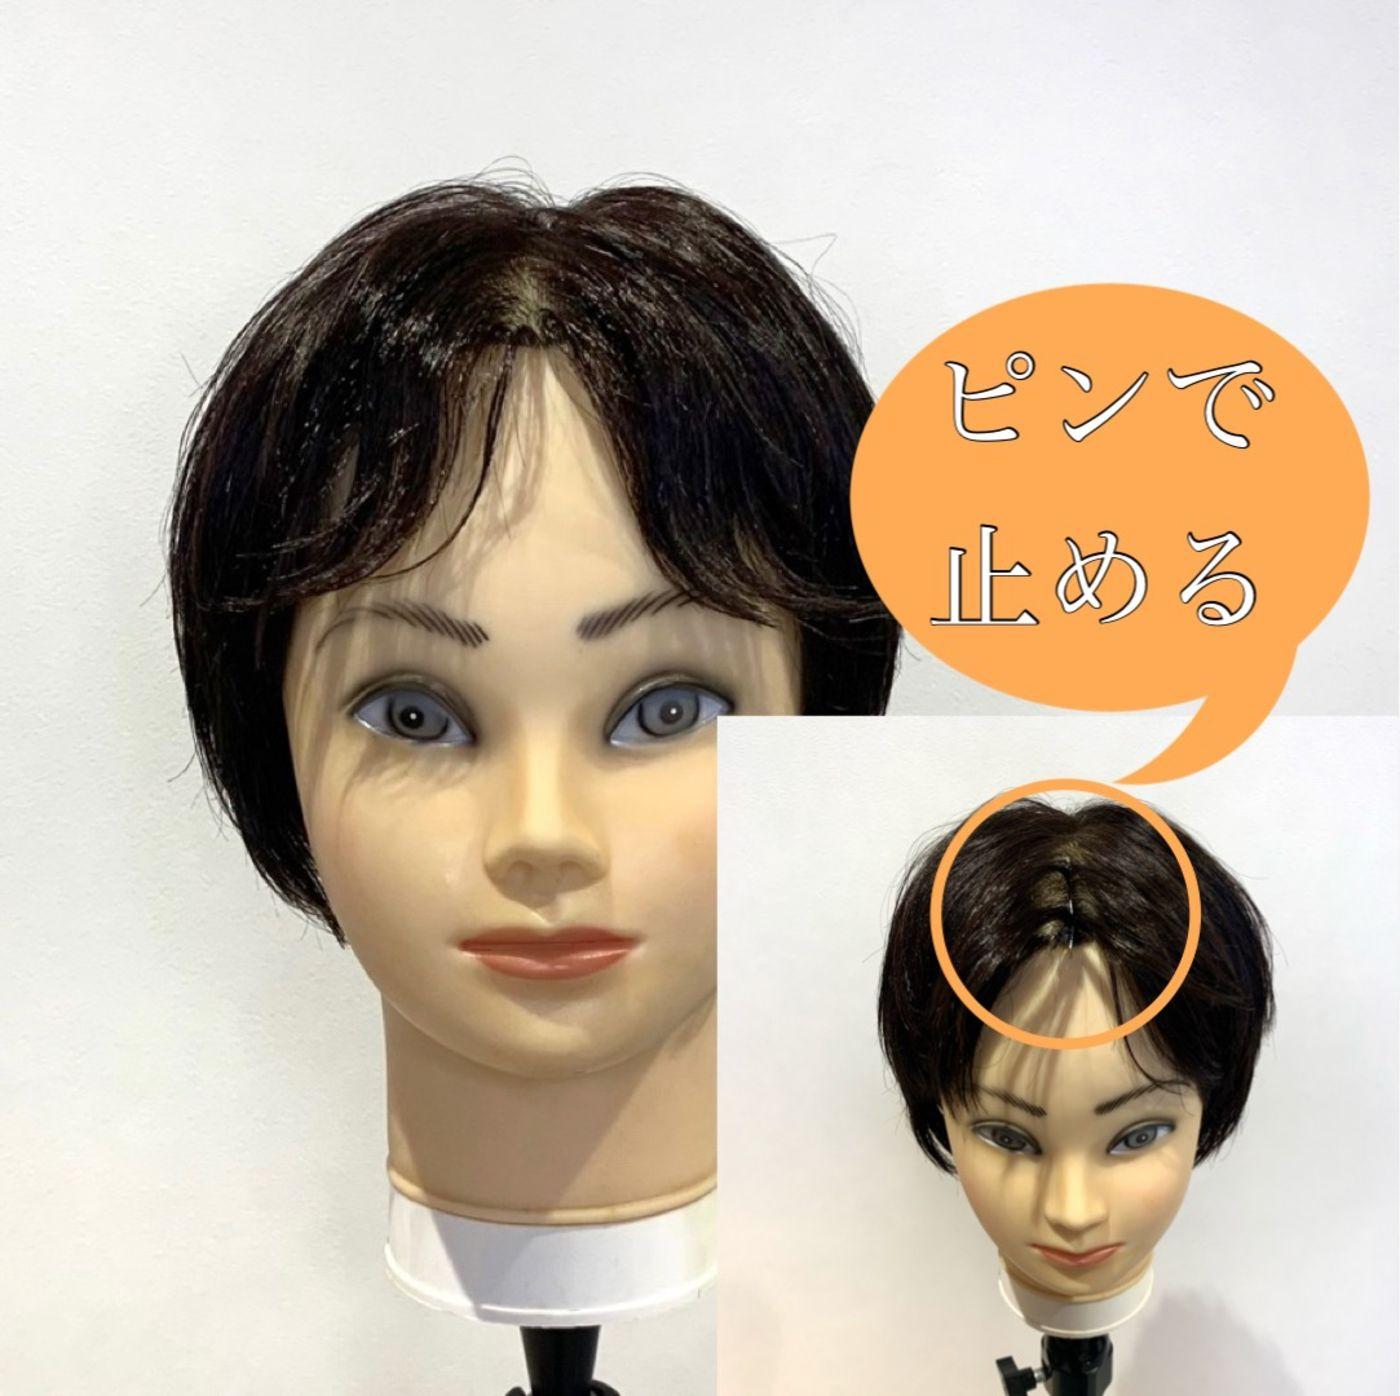 前髪が伸びてしまった方のセット方法